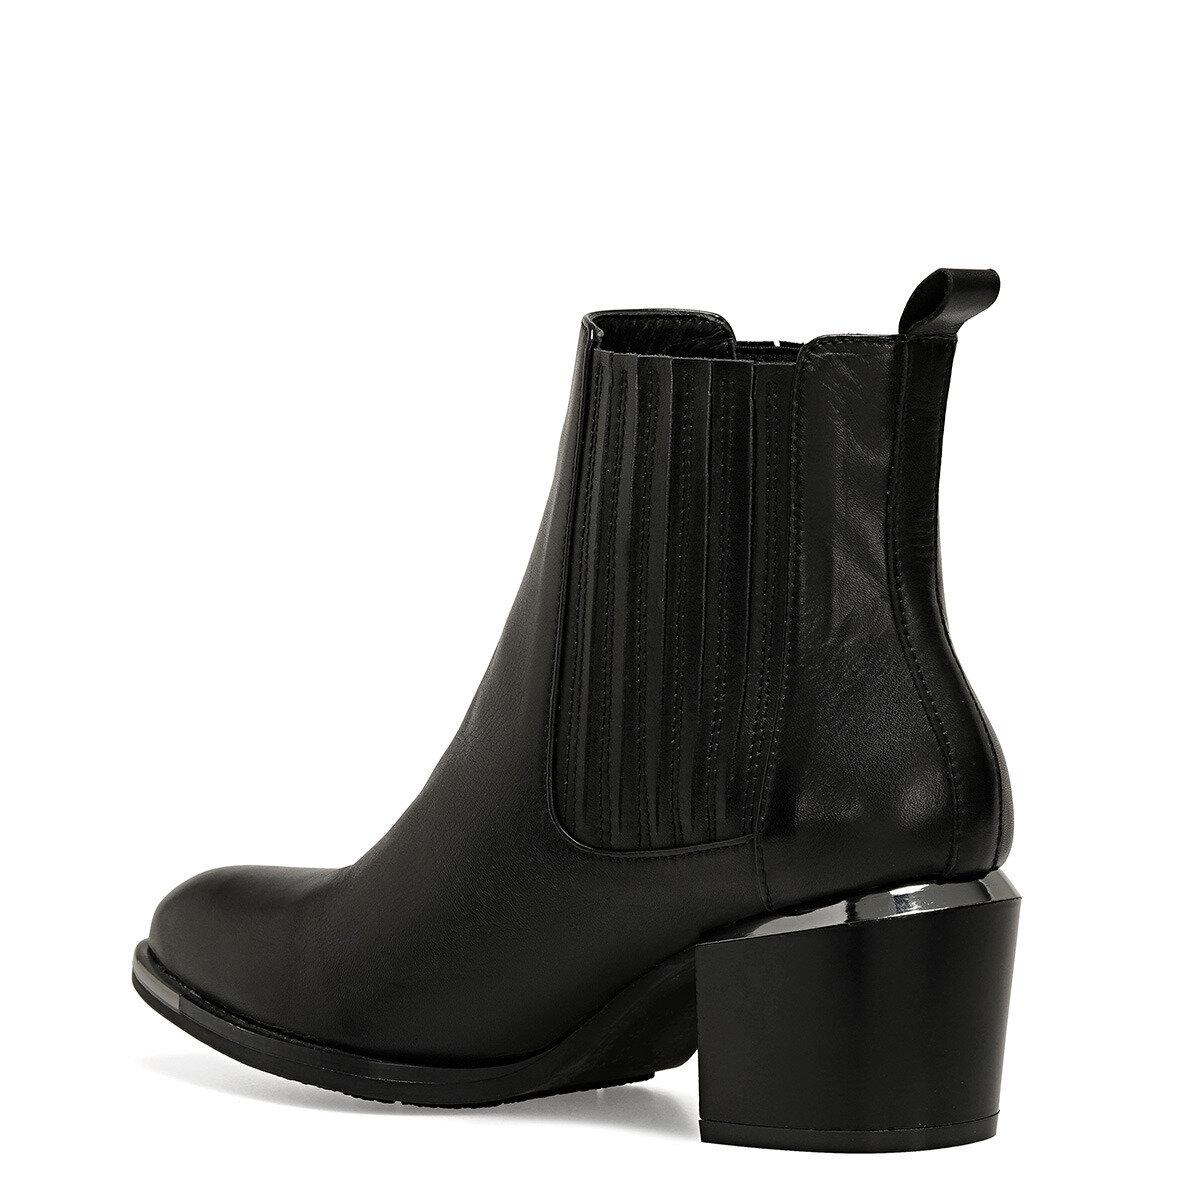 HEMA Siyah Kadın Topuklu Bot